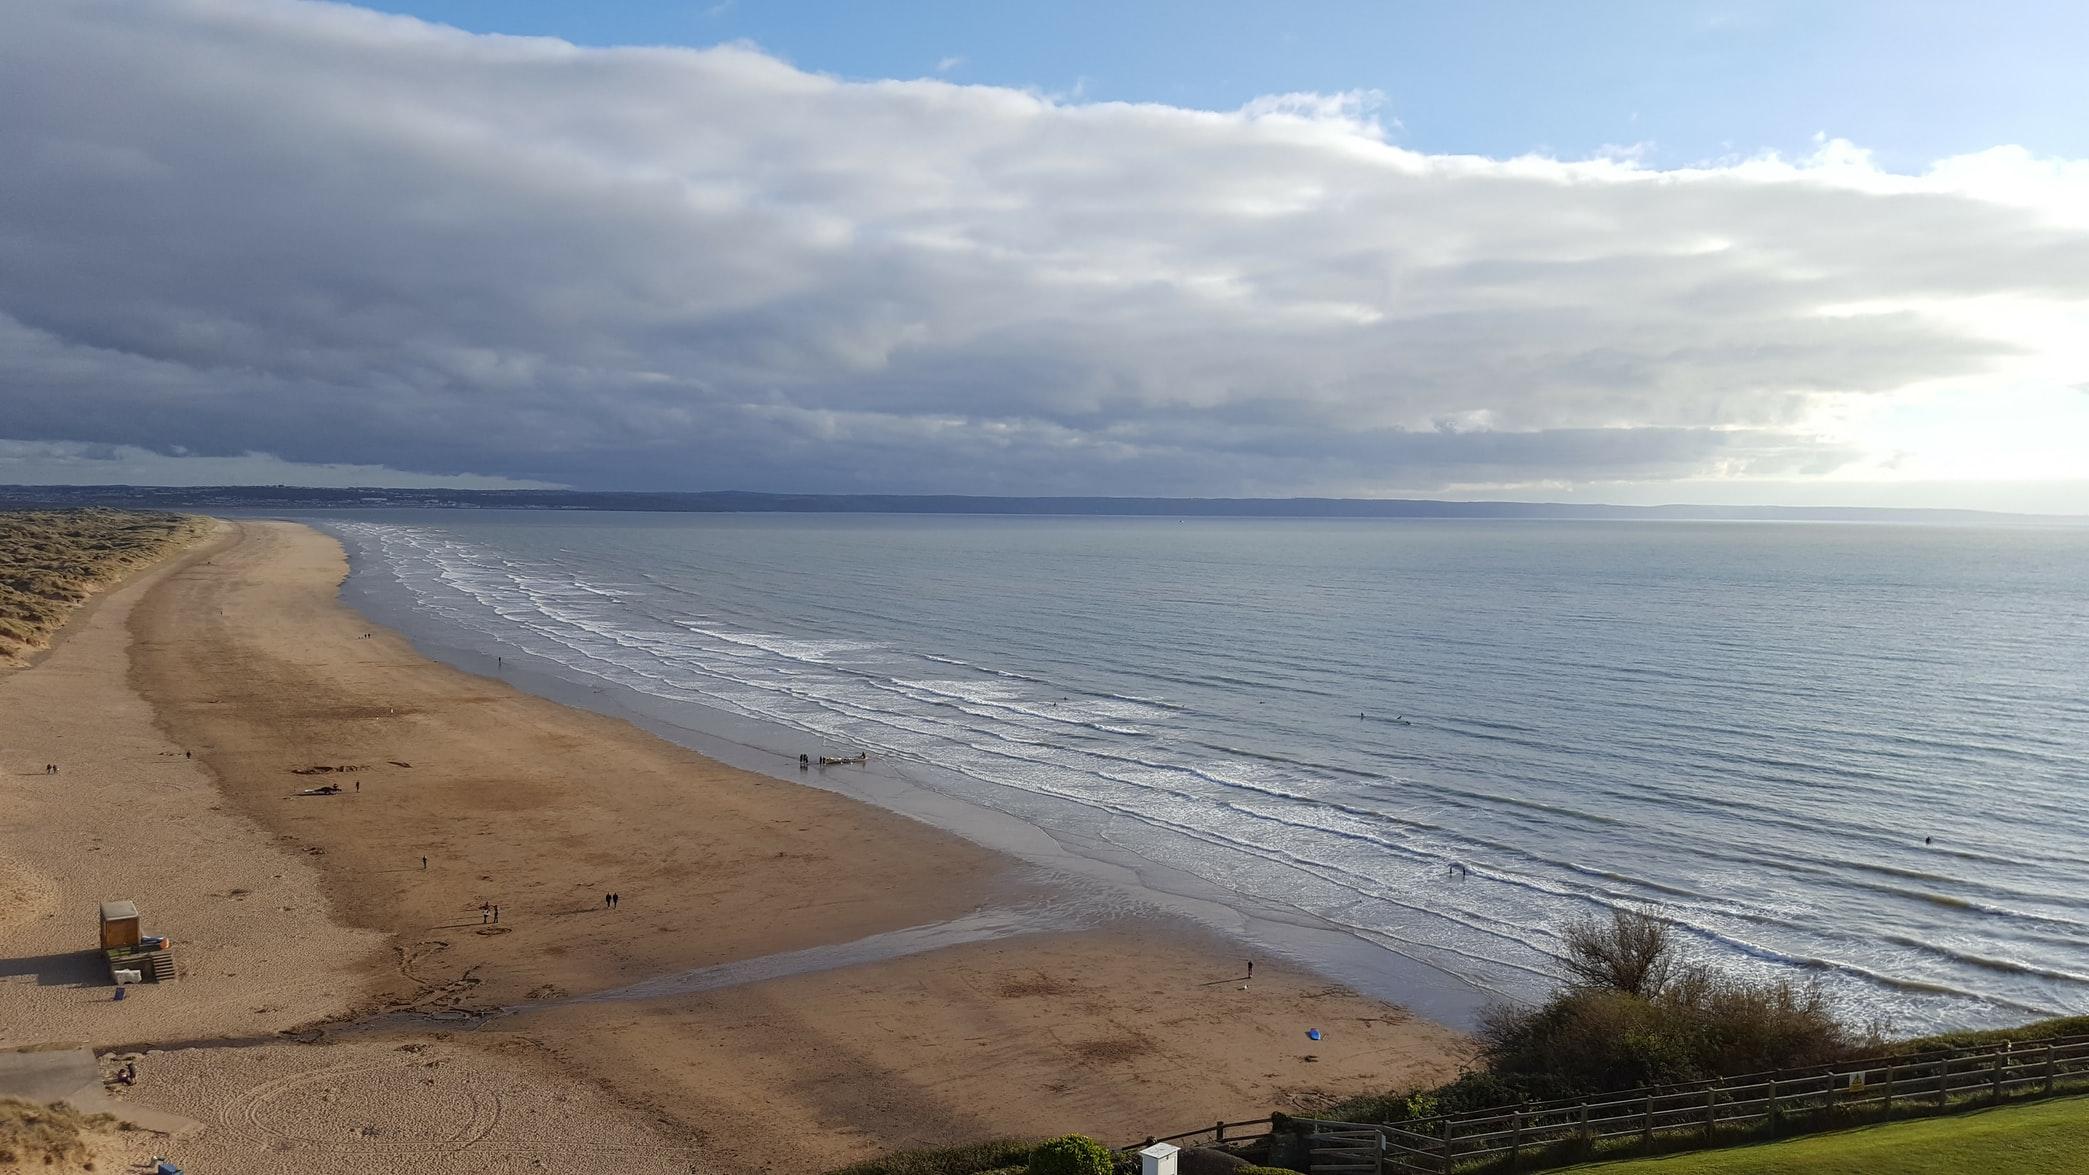 A view of Saunton beach